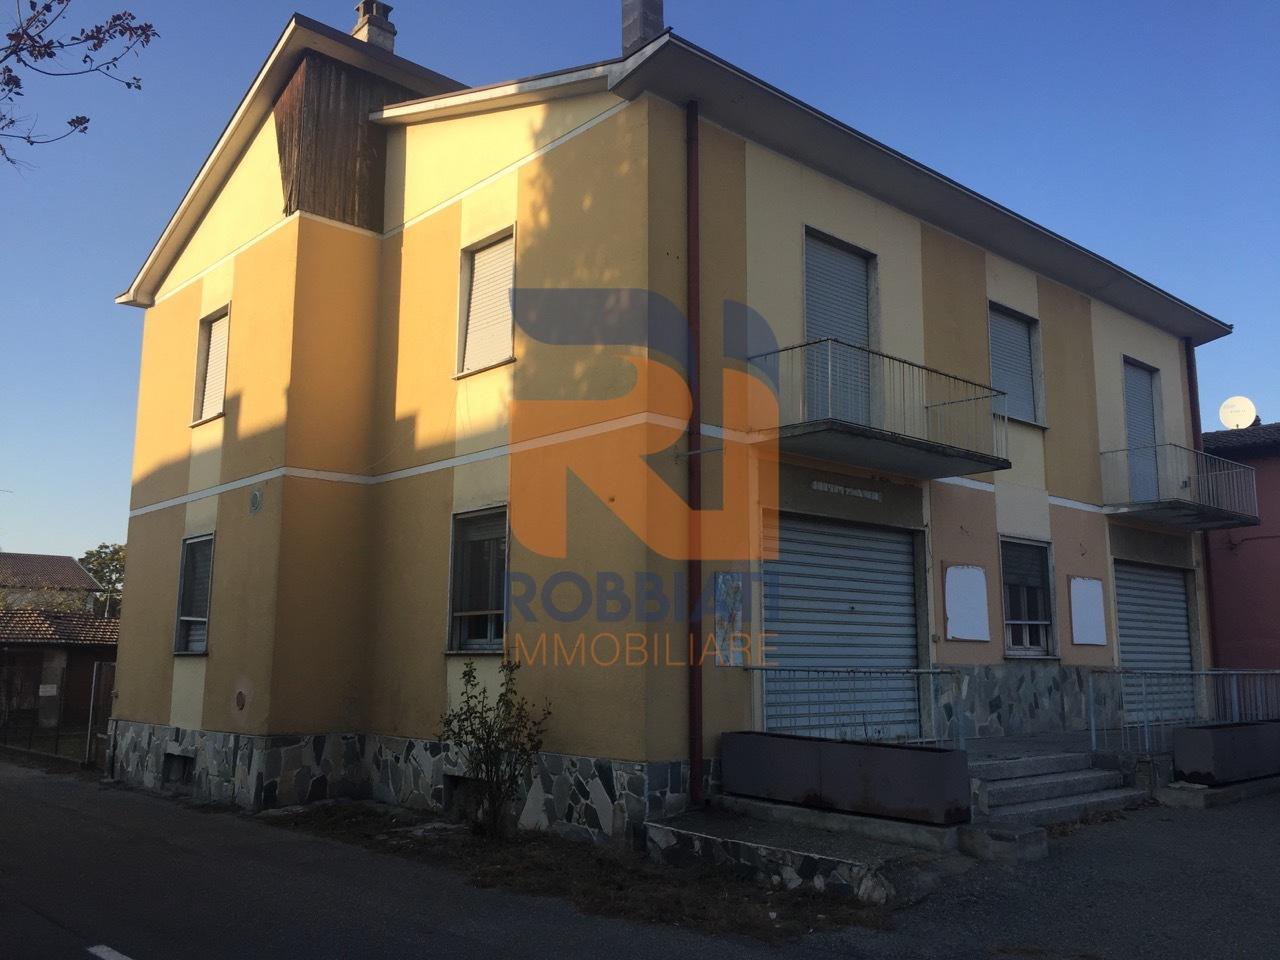 Soluzione Indipendente in vendita a Bressana Bottarone, 6 locali, prezzo € 170.000   PortaleAgenzieImmobiliari.it